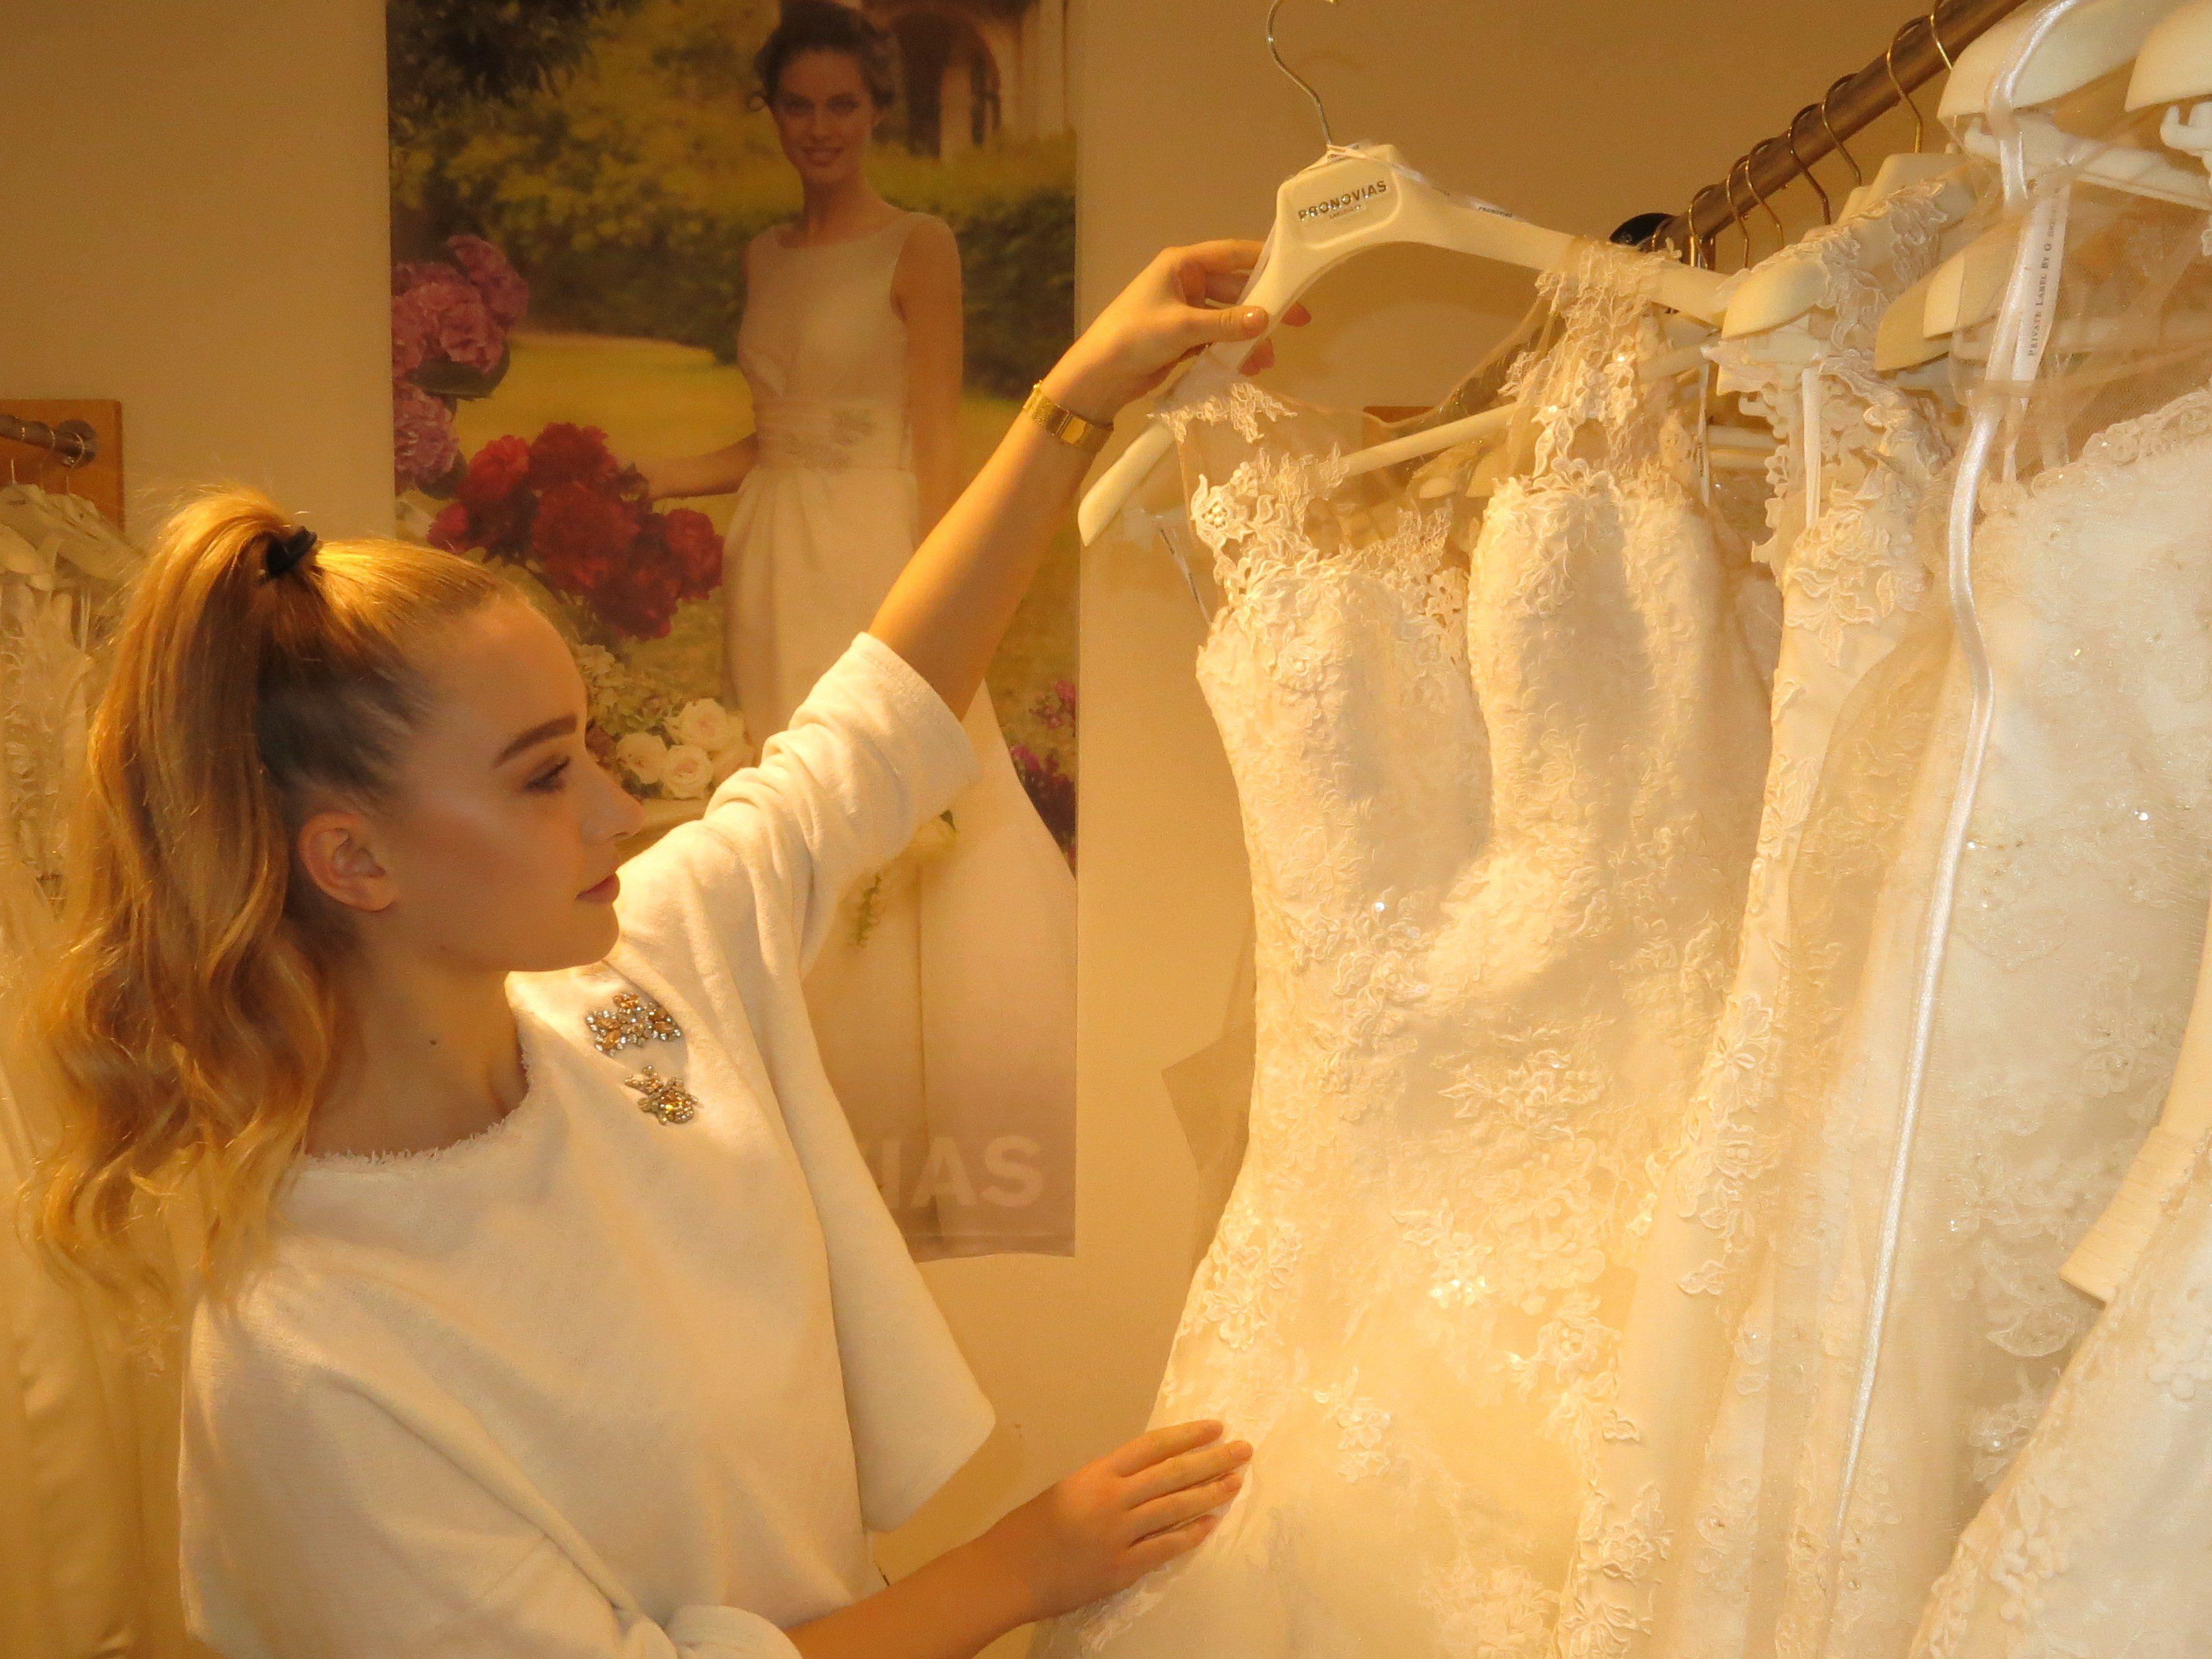 Brautmode lässt Herzen höher schlagen - Dornbirn | VOL.AT